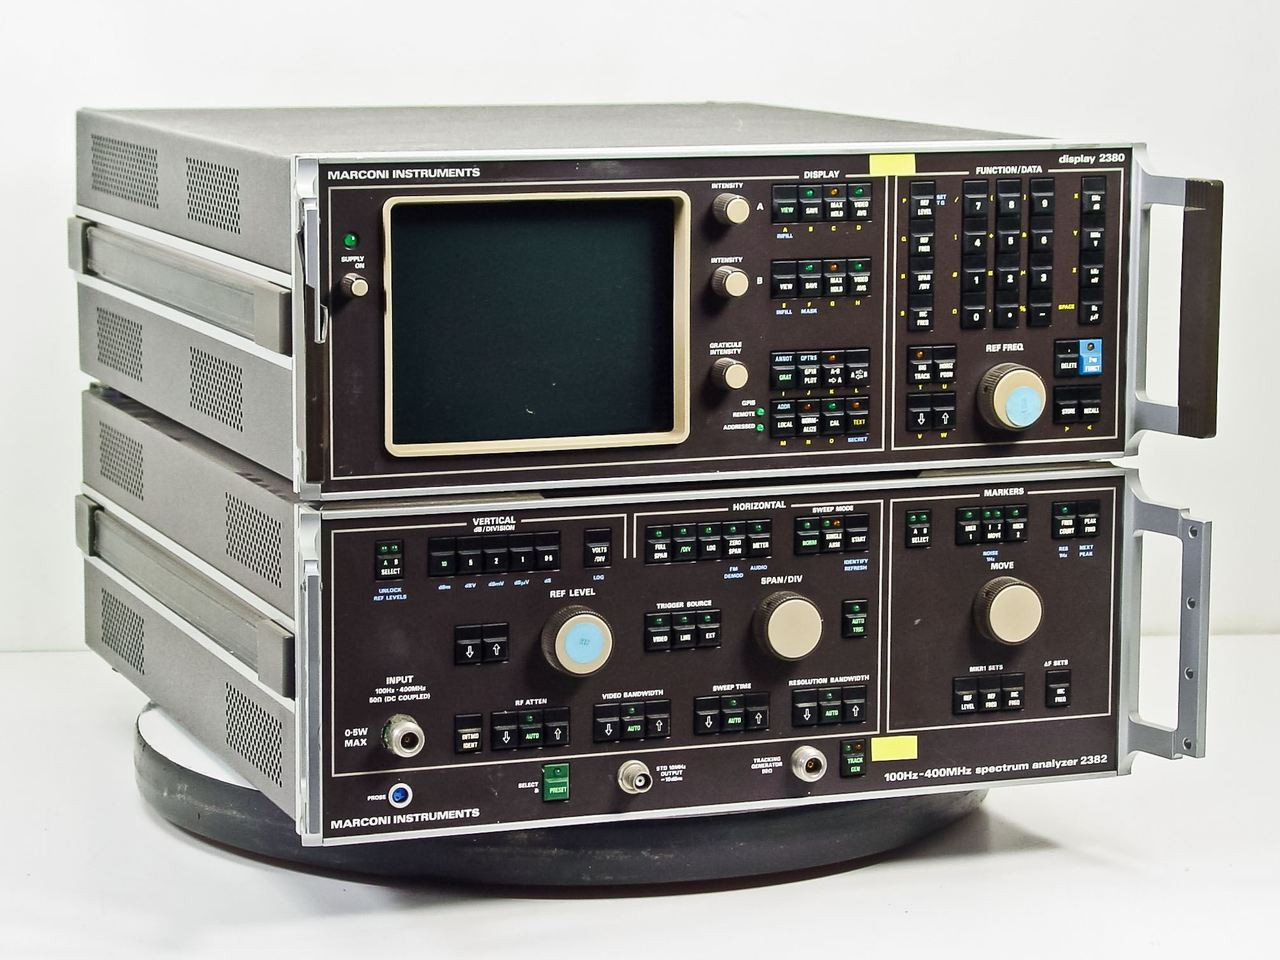 Marconi 2380 / 2382 400MHz Spectrum Analyzer with TG ...